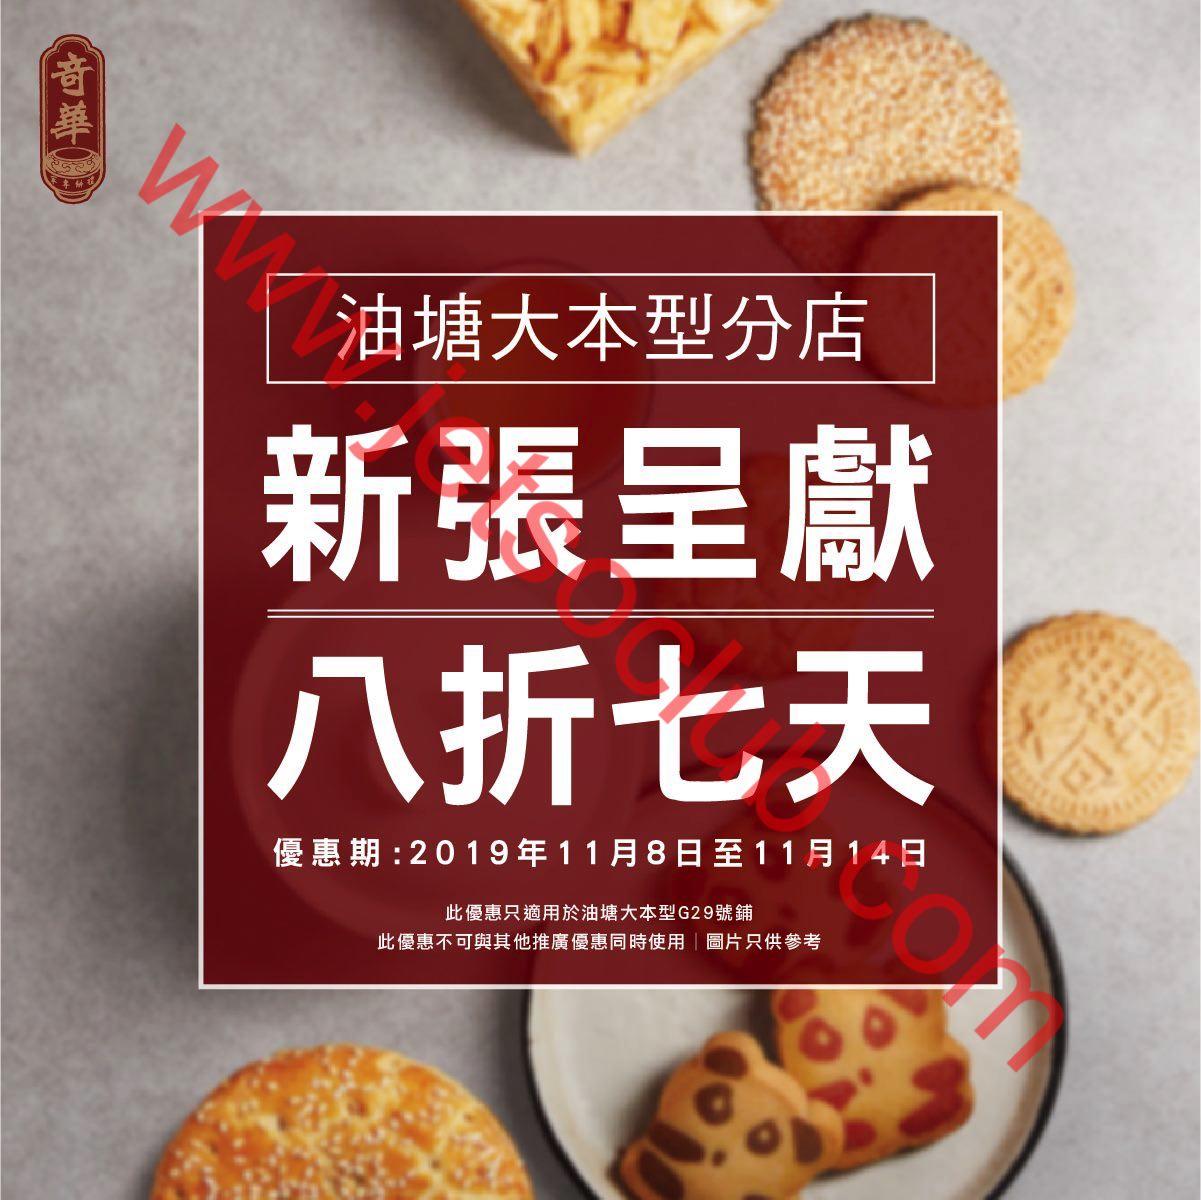 奇華餅家:油塘店開張 八折七天(8-14/11) ( Jetso Club 著數俱樂部 )